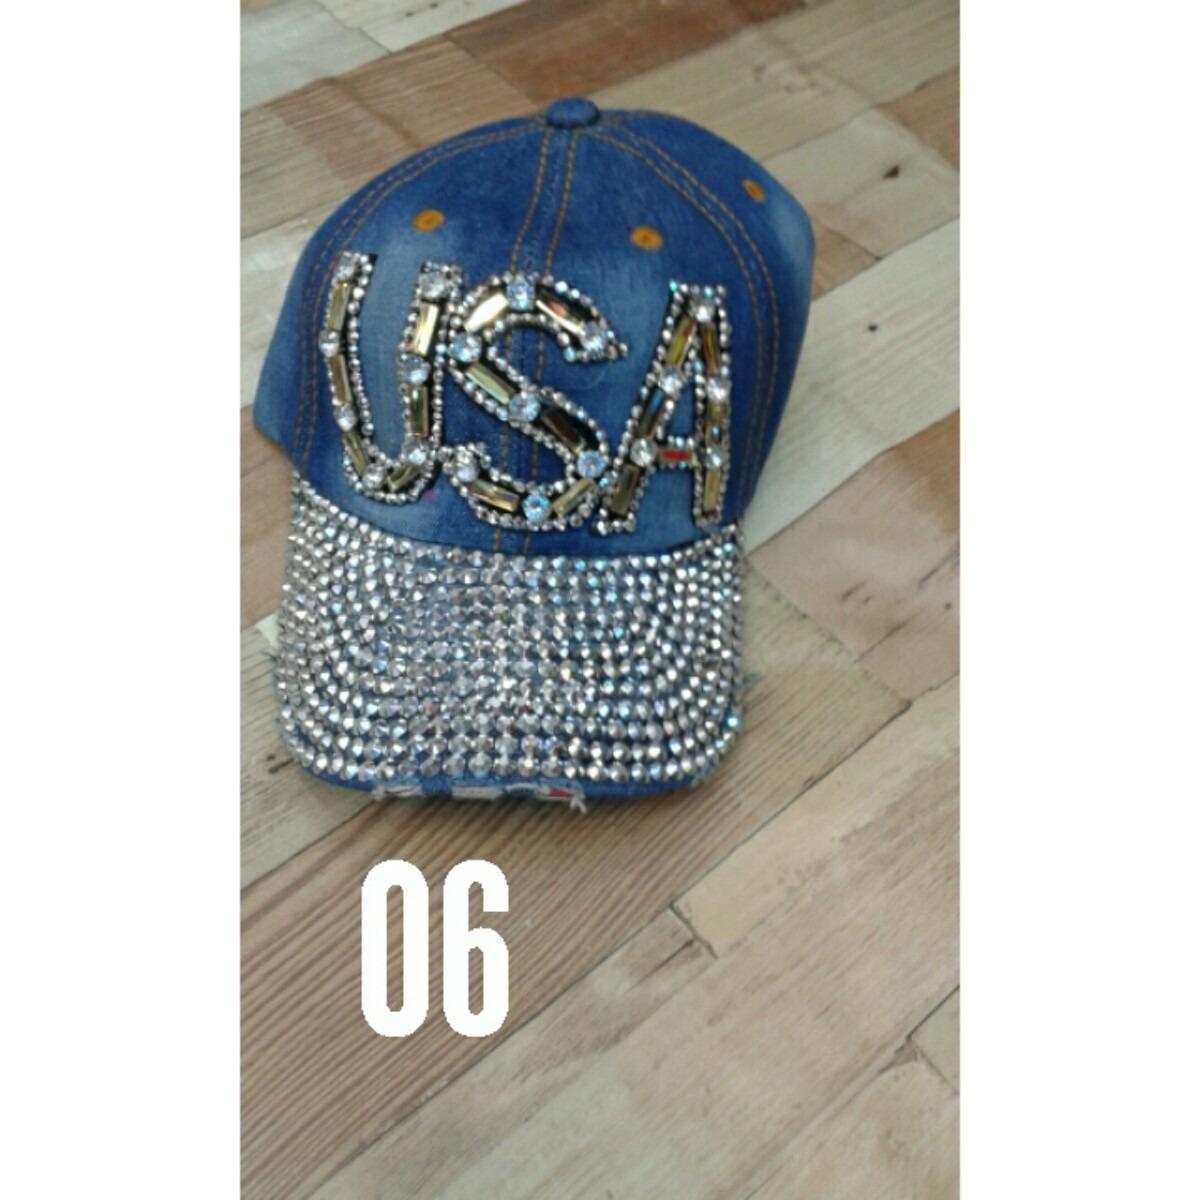 843feec4bb211 gorras de dama jean con aplicaciones en pedrería. Cargando zoom.